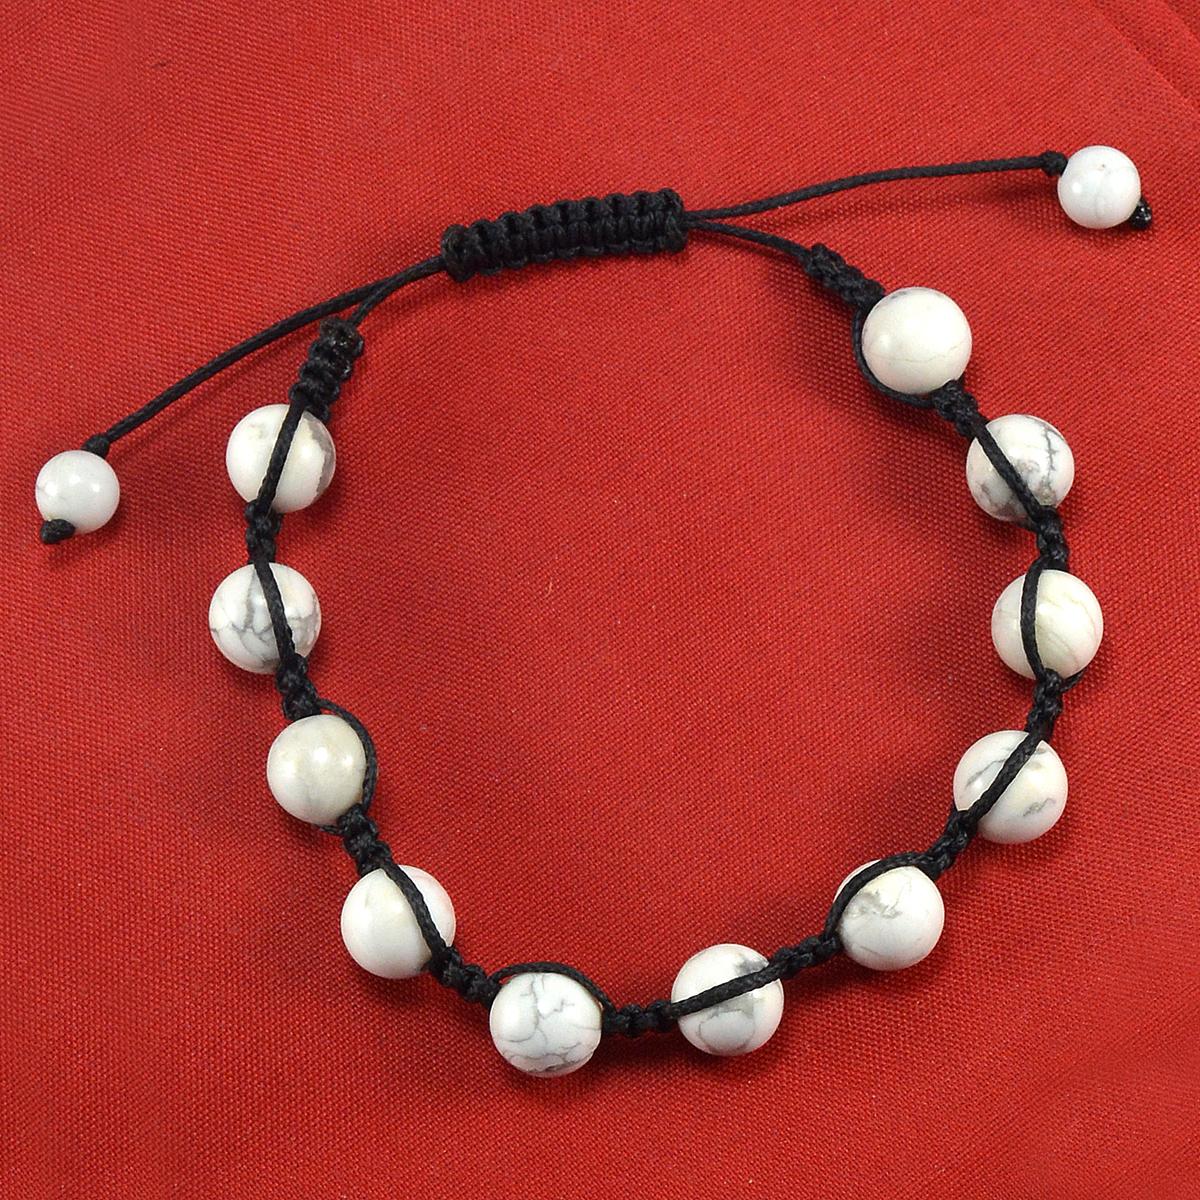 Fantastic- Handmade Jewelry Manufacturer Black Color Cord Howlite Adjustable Jaipur Rajasthan India Bracelet